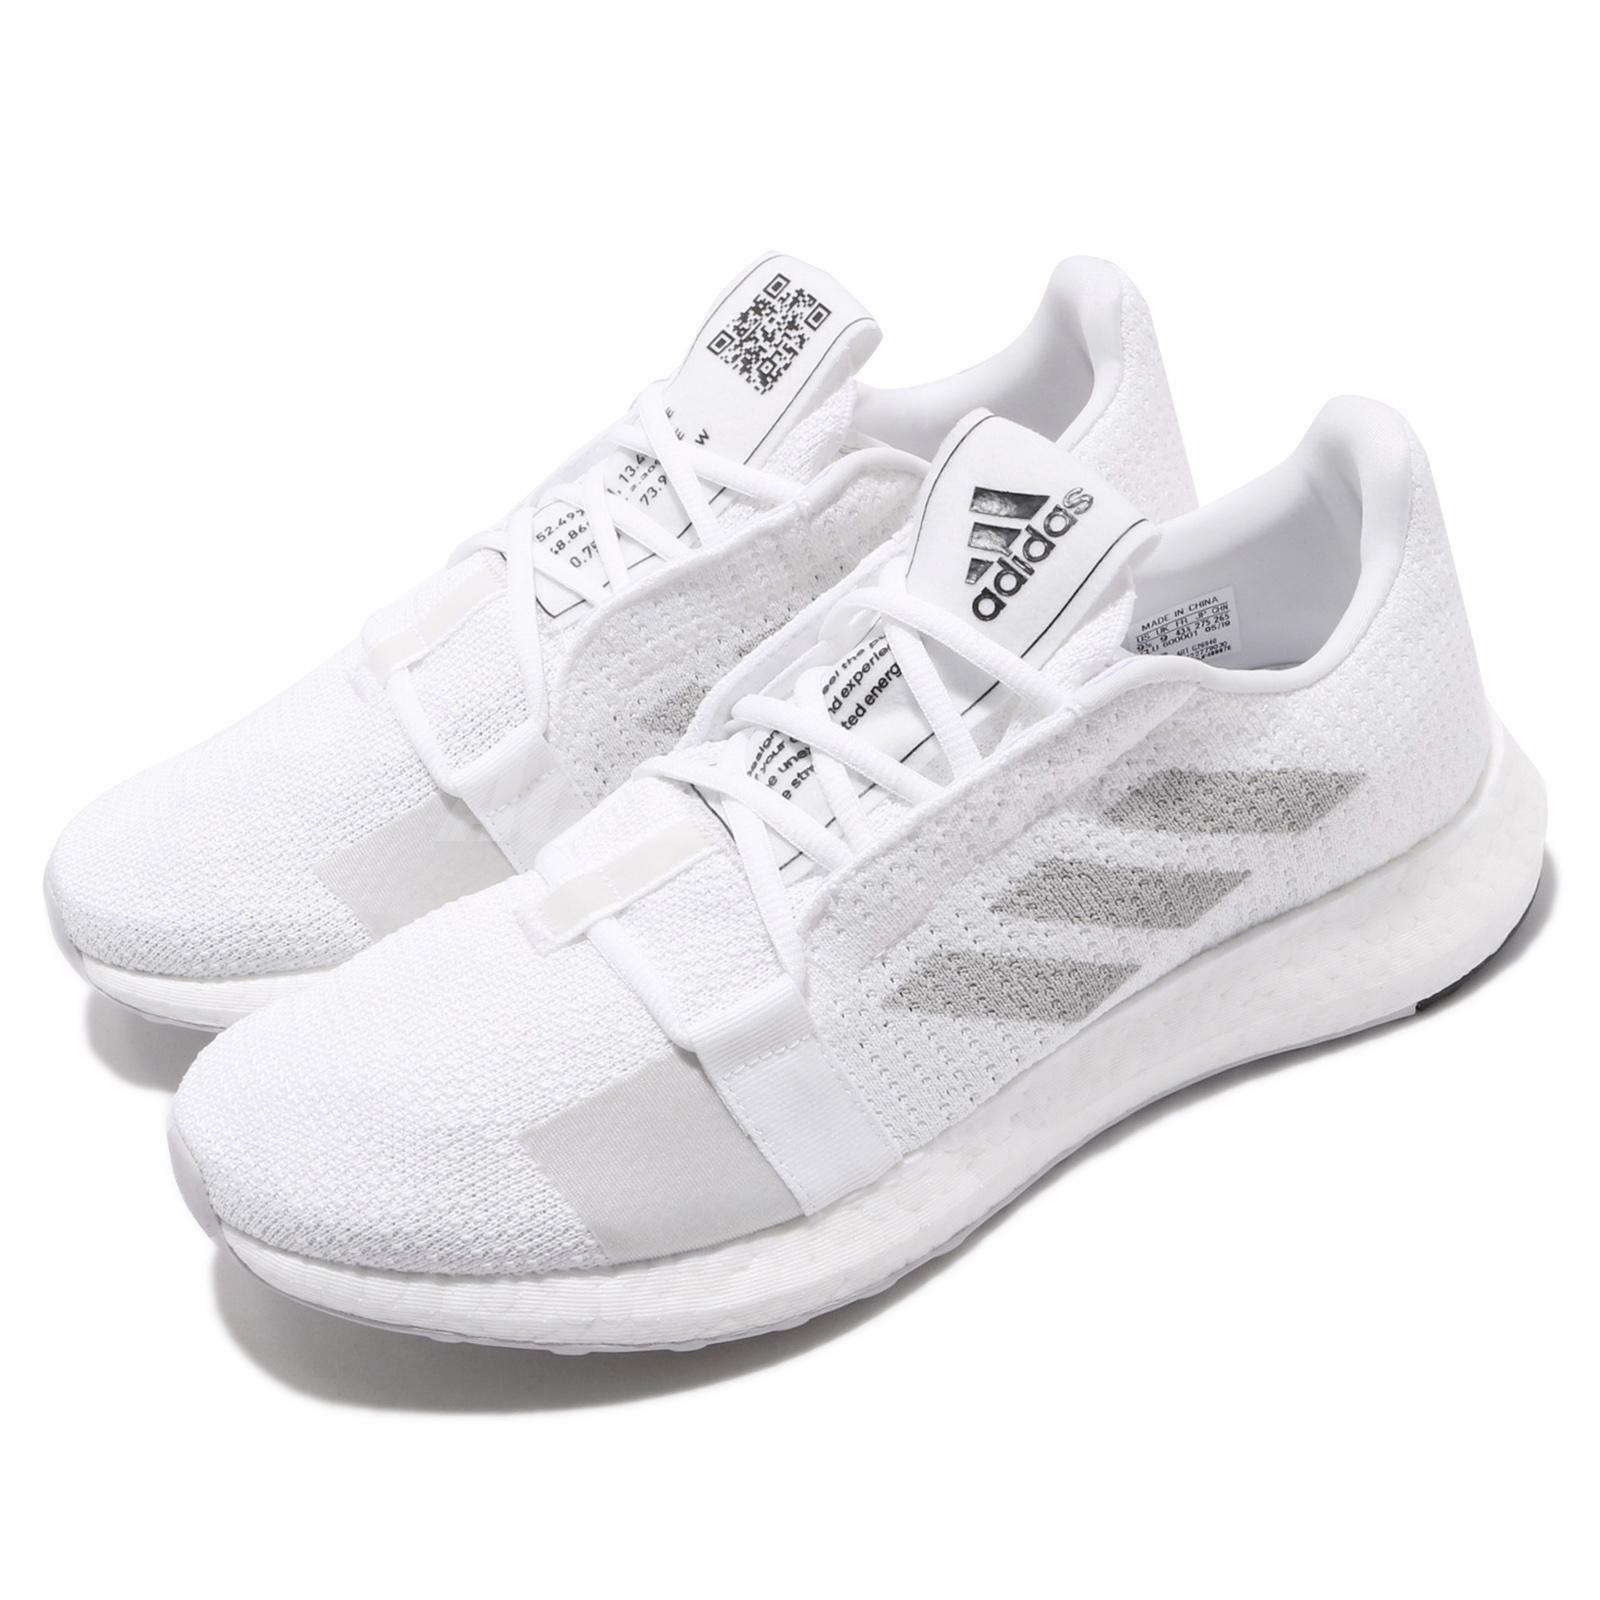 Adidas SenseBOOST blancoo gris Negro para Hombre Go M Correr Informales Zapatos Tenis G26940